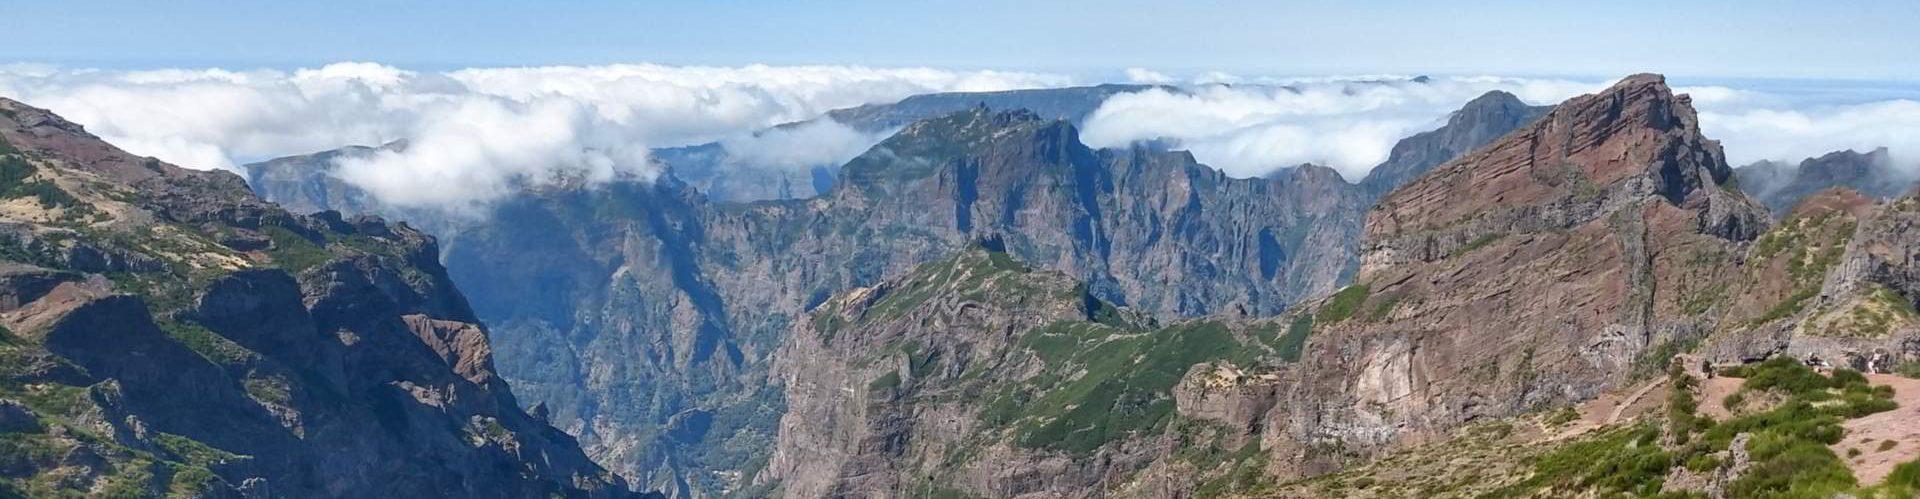 Pico-Areeiro-Madeira